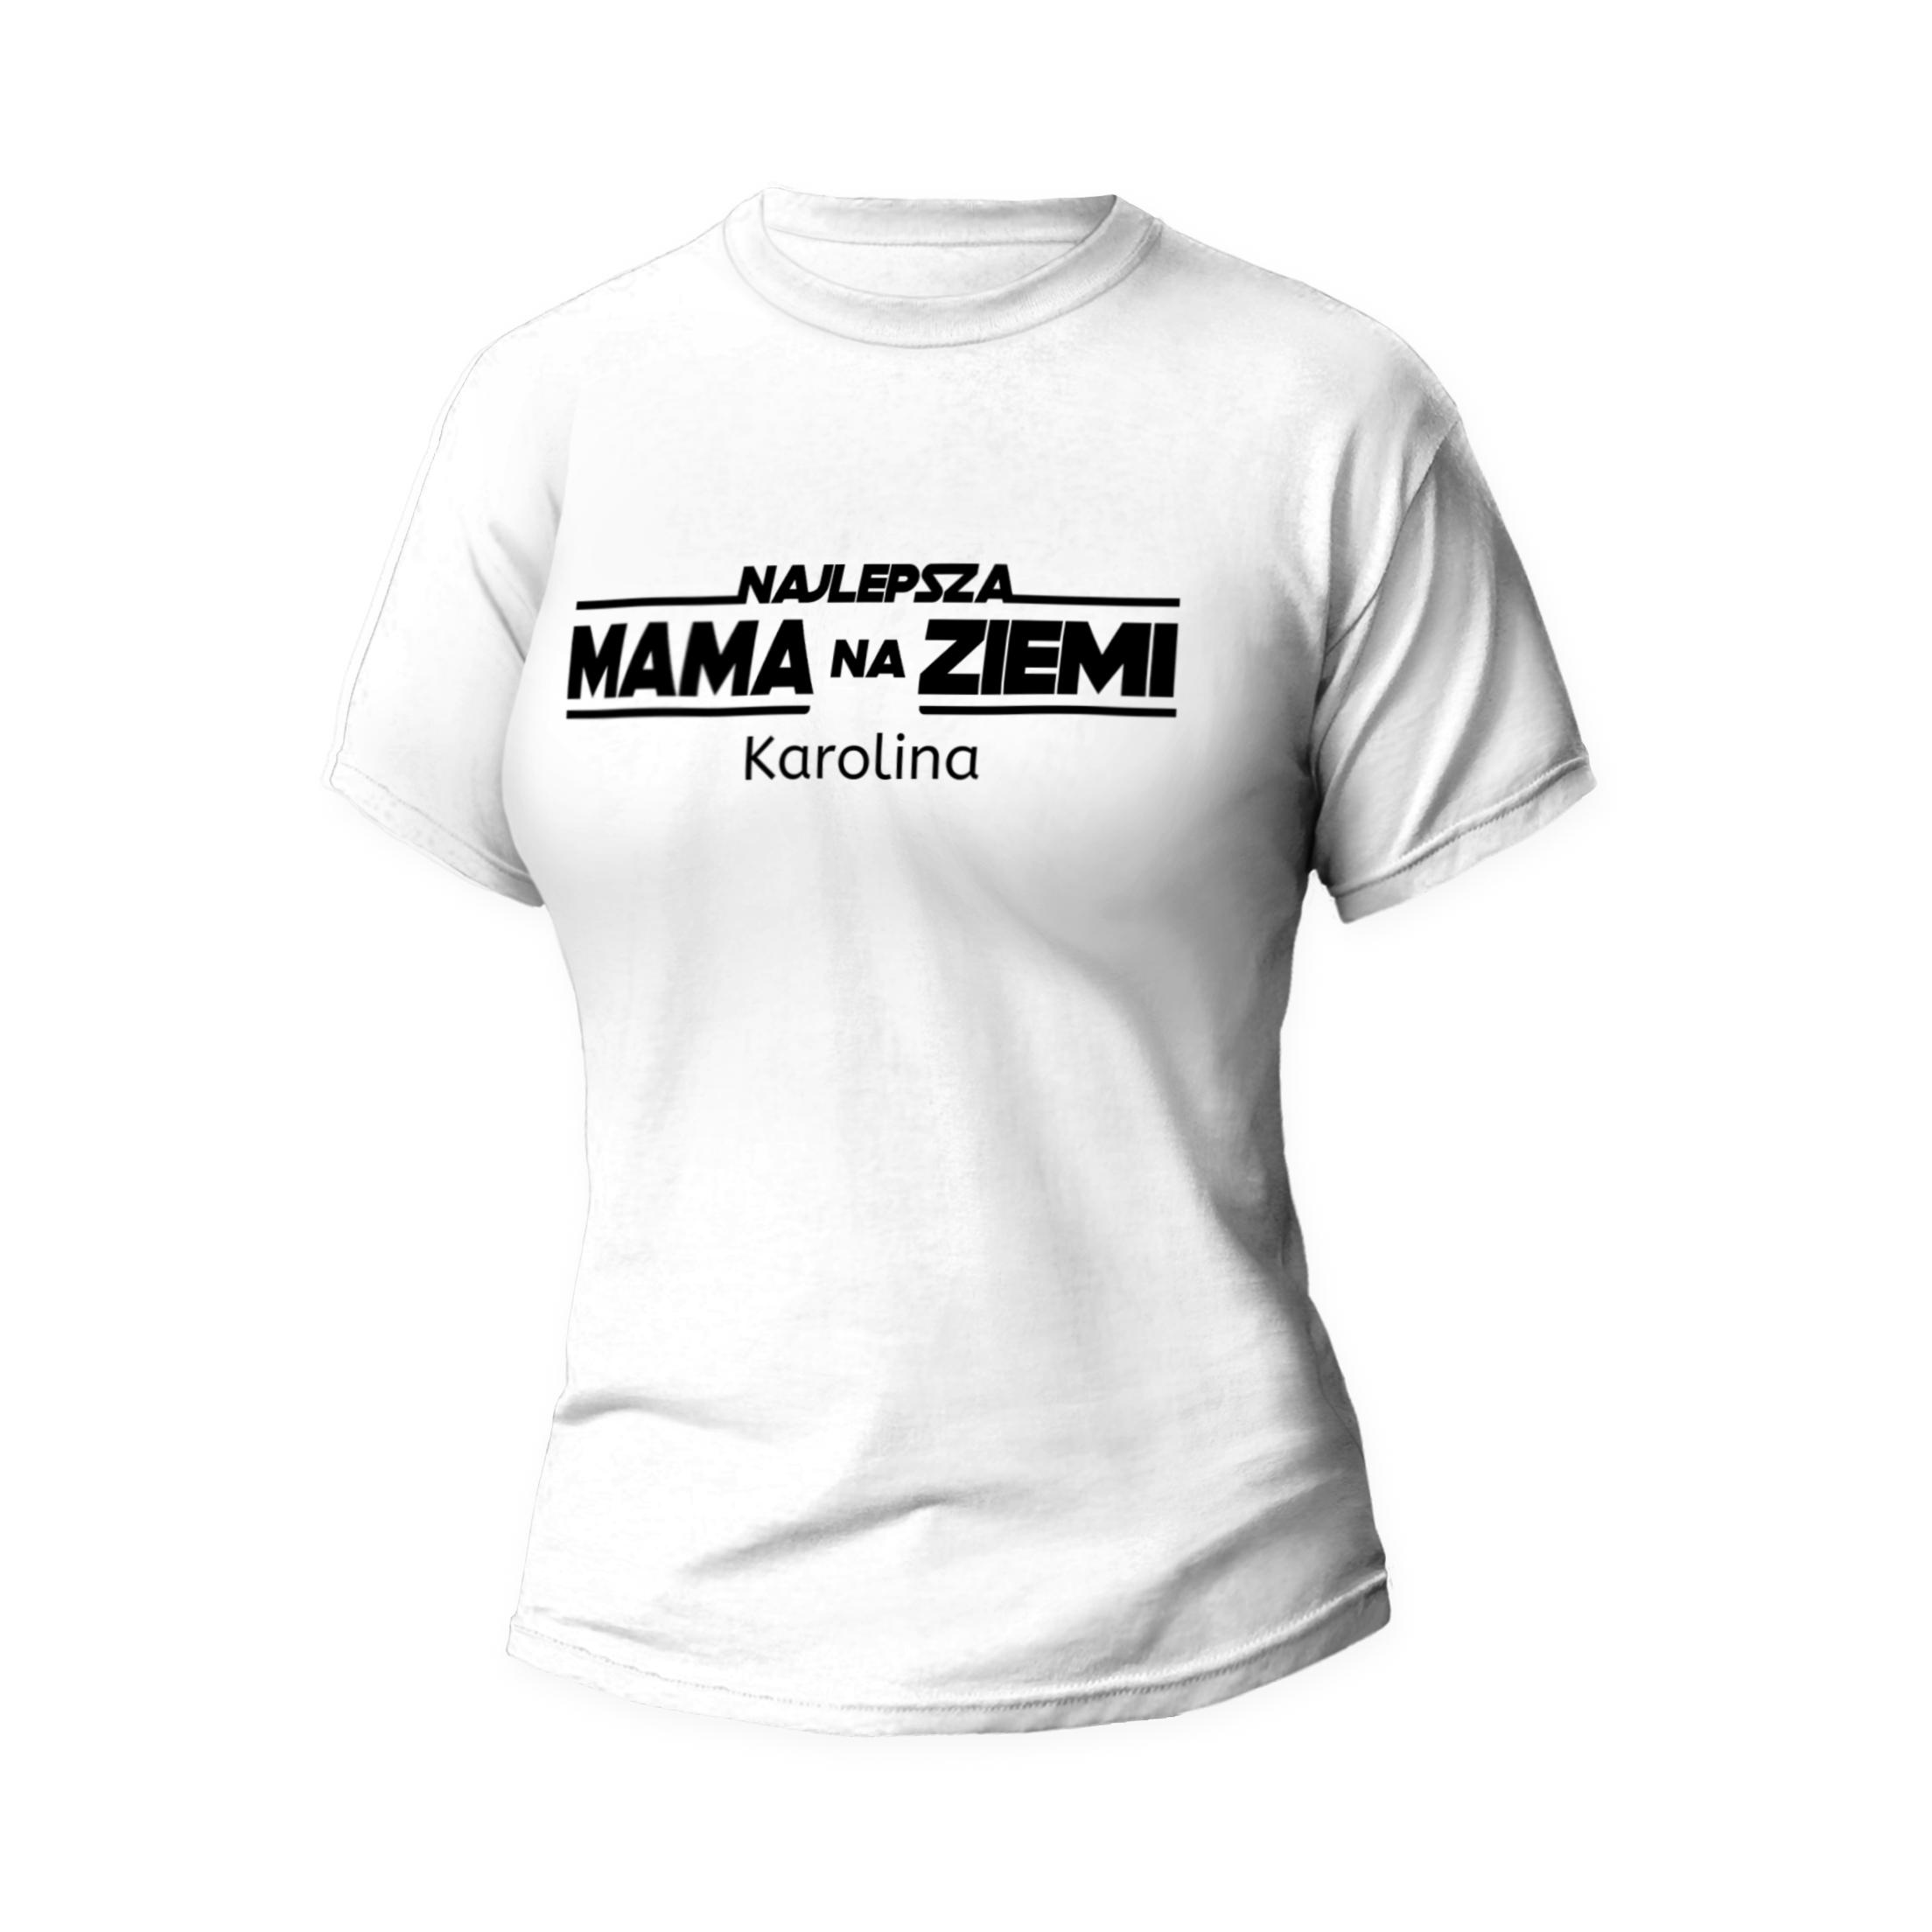 Rozmiar XXL - koszulka damska z własnym nadrukiem - Najlepsza mama na ziemi - biała